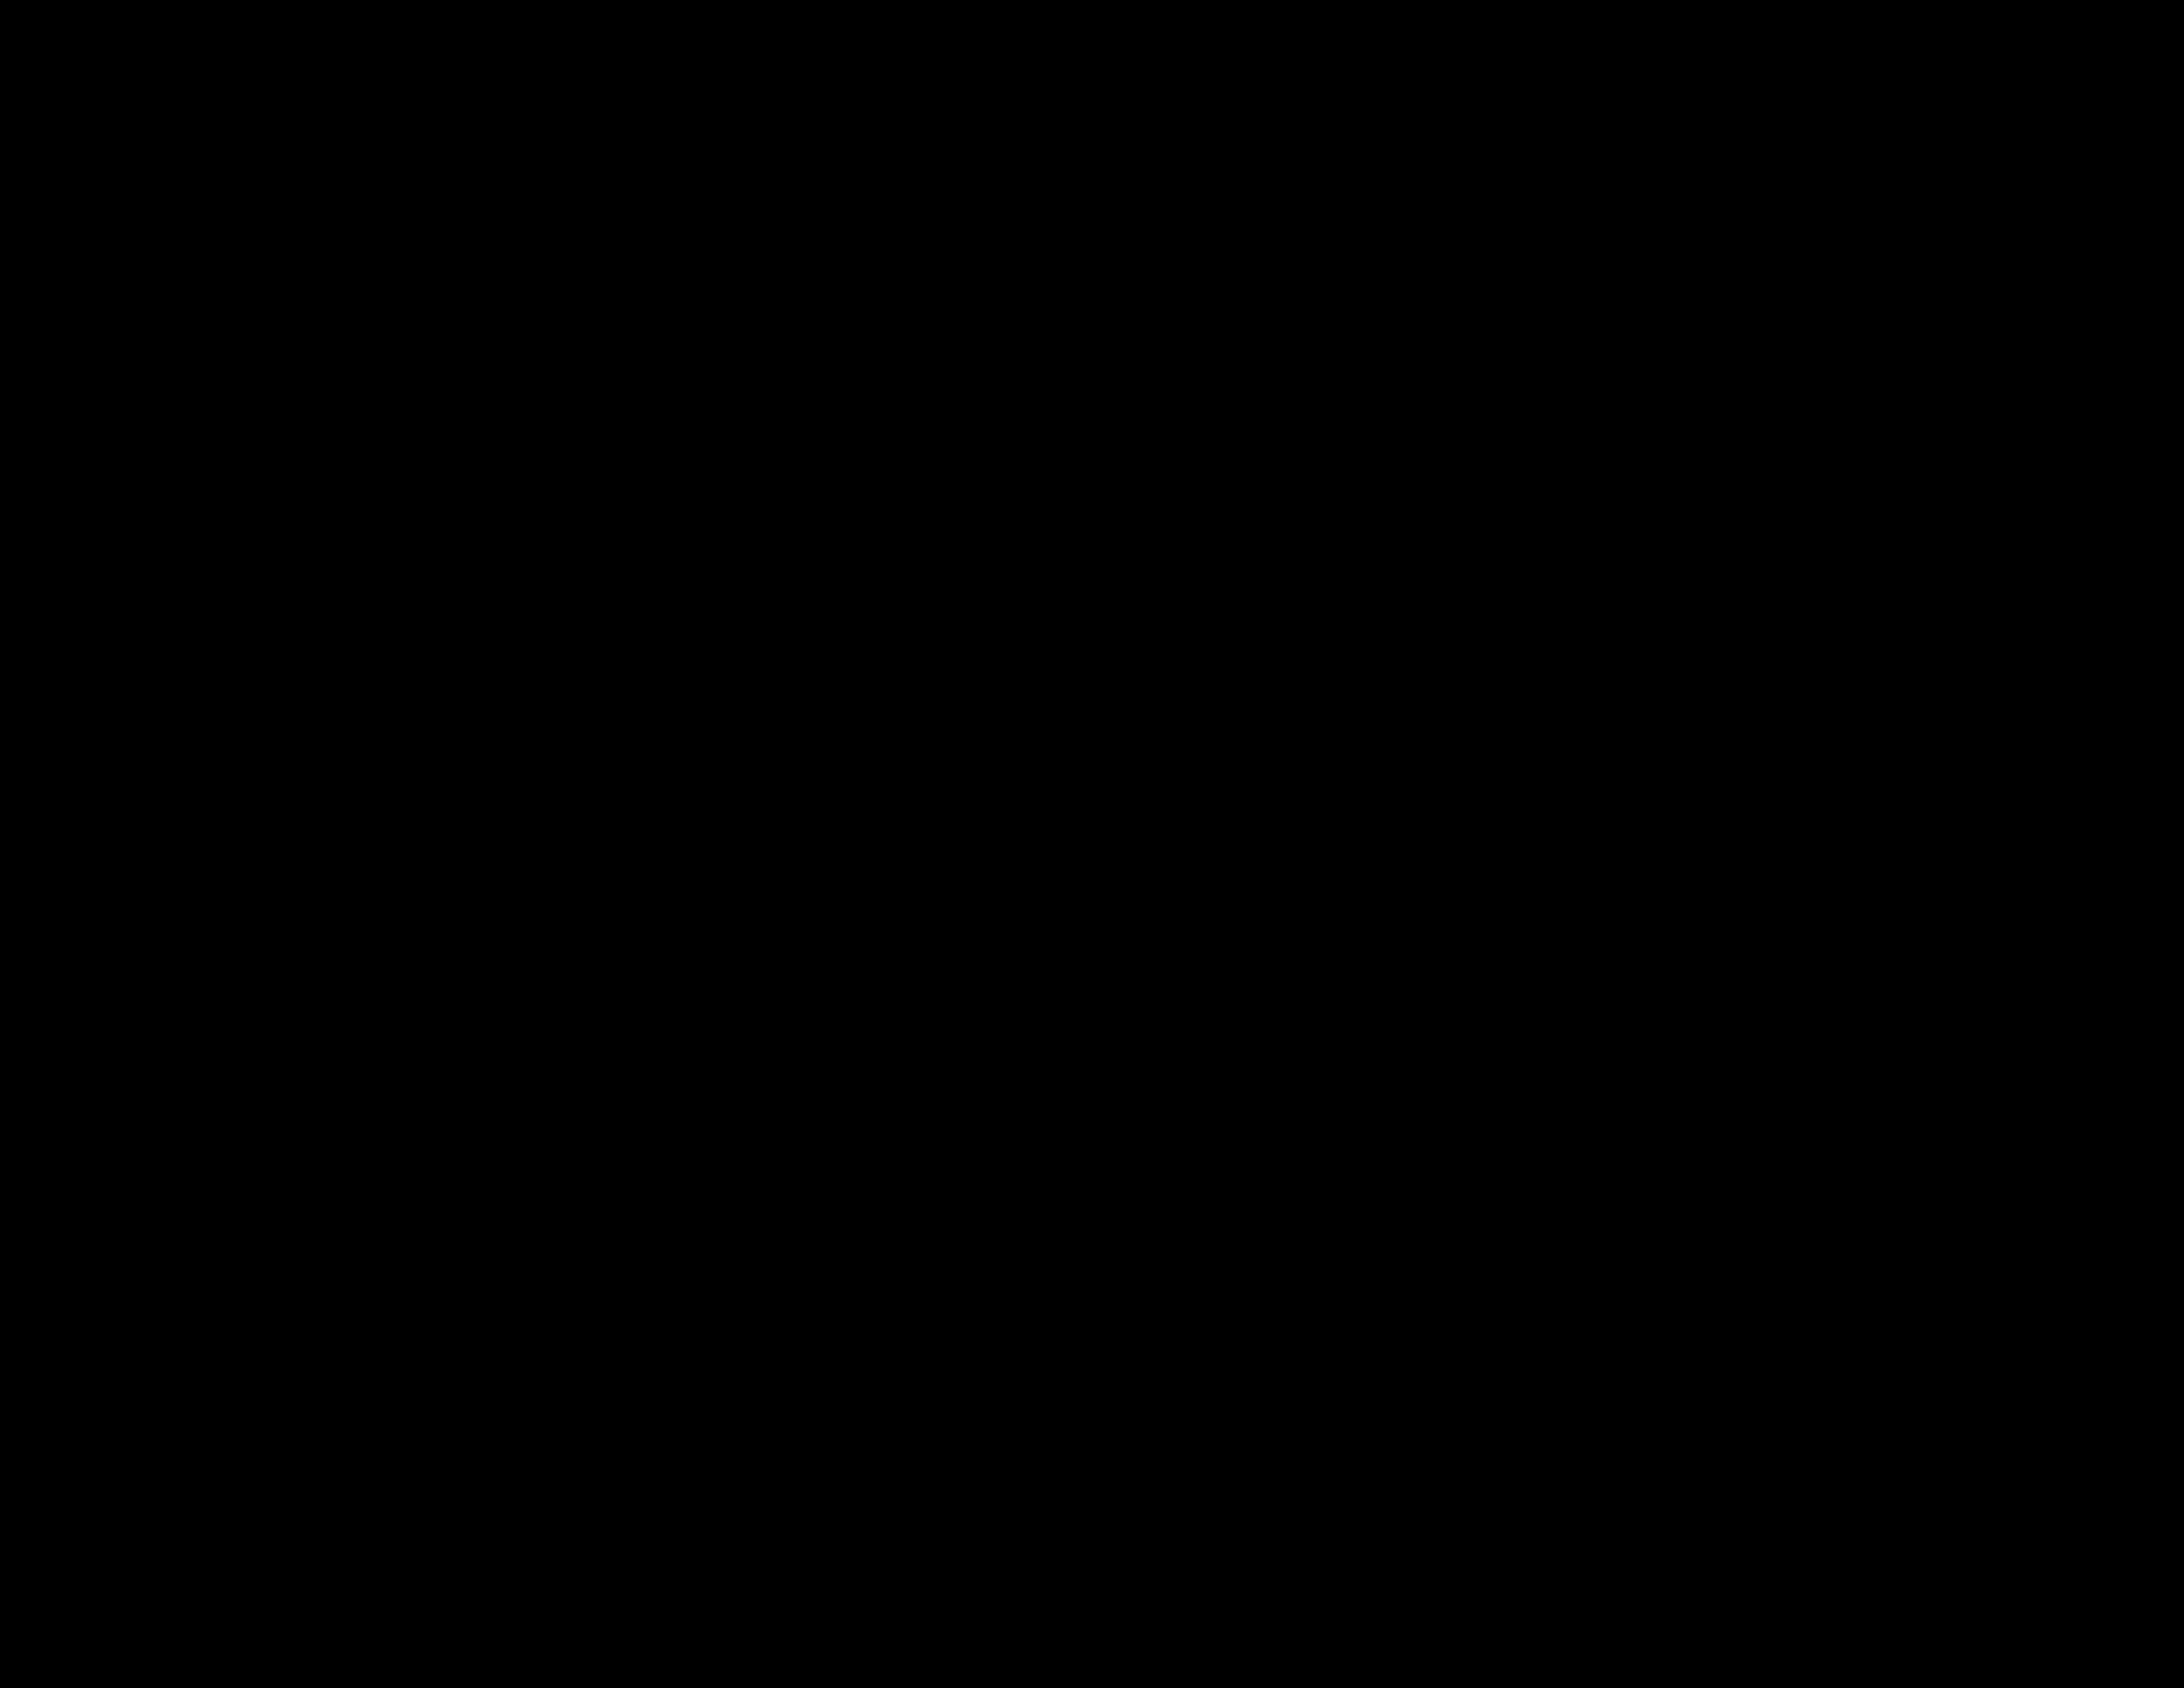 GUAVA BAYA